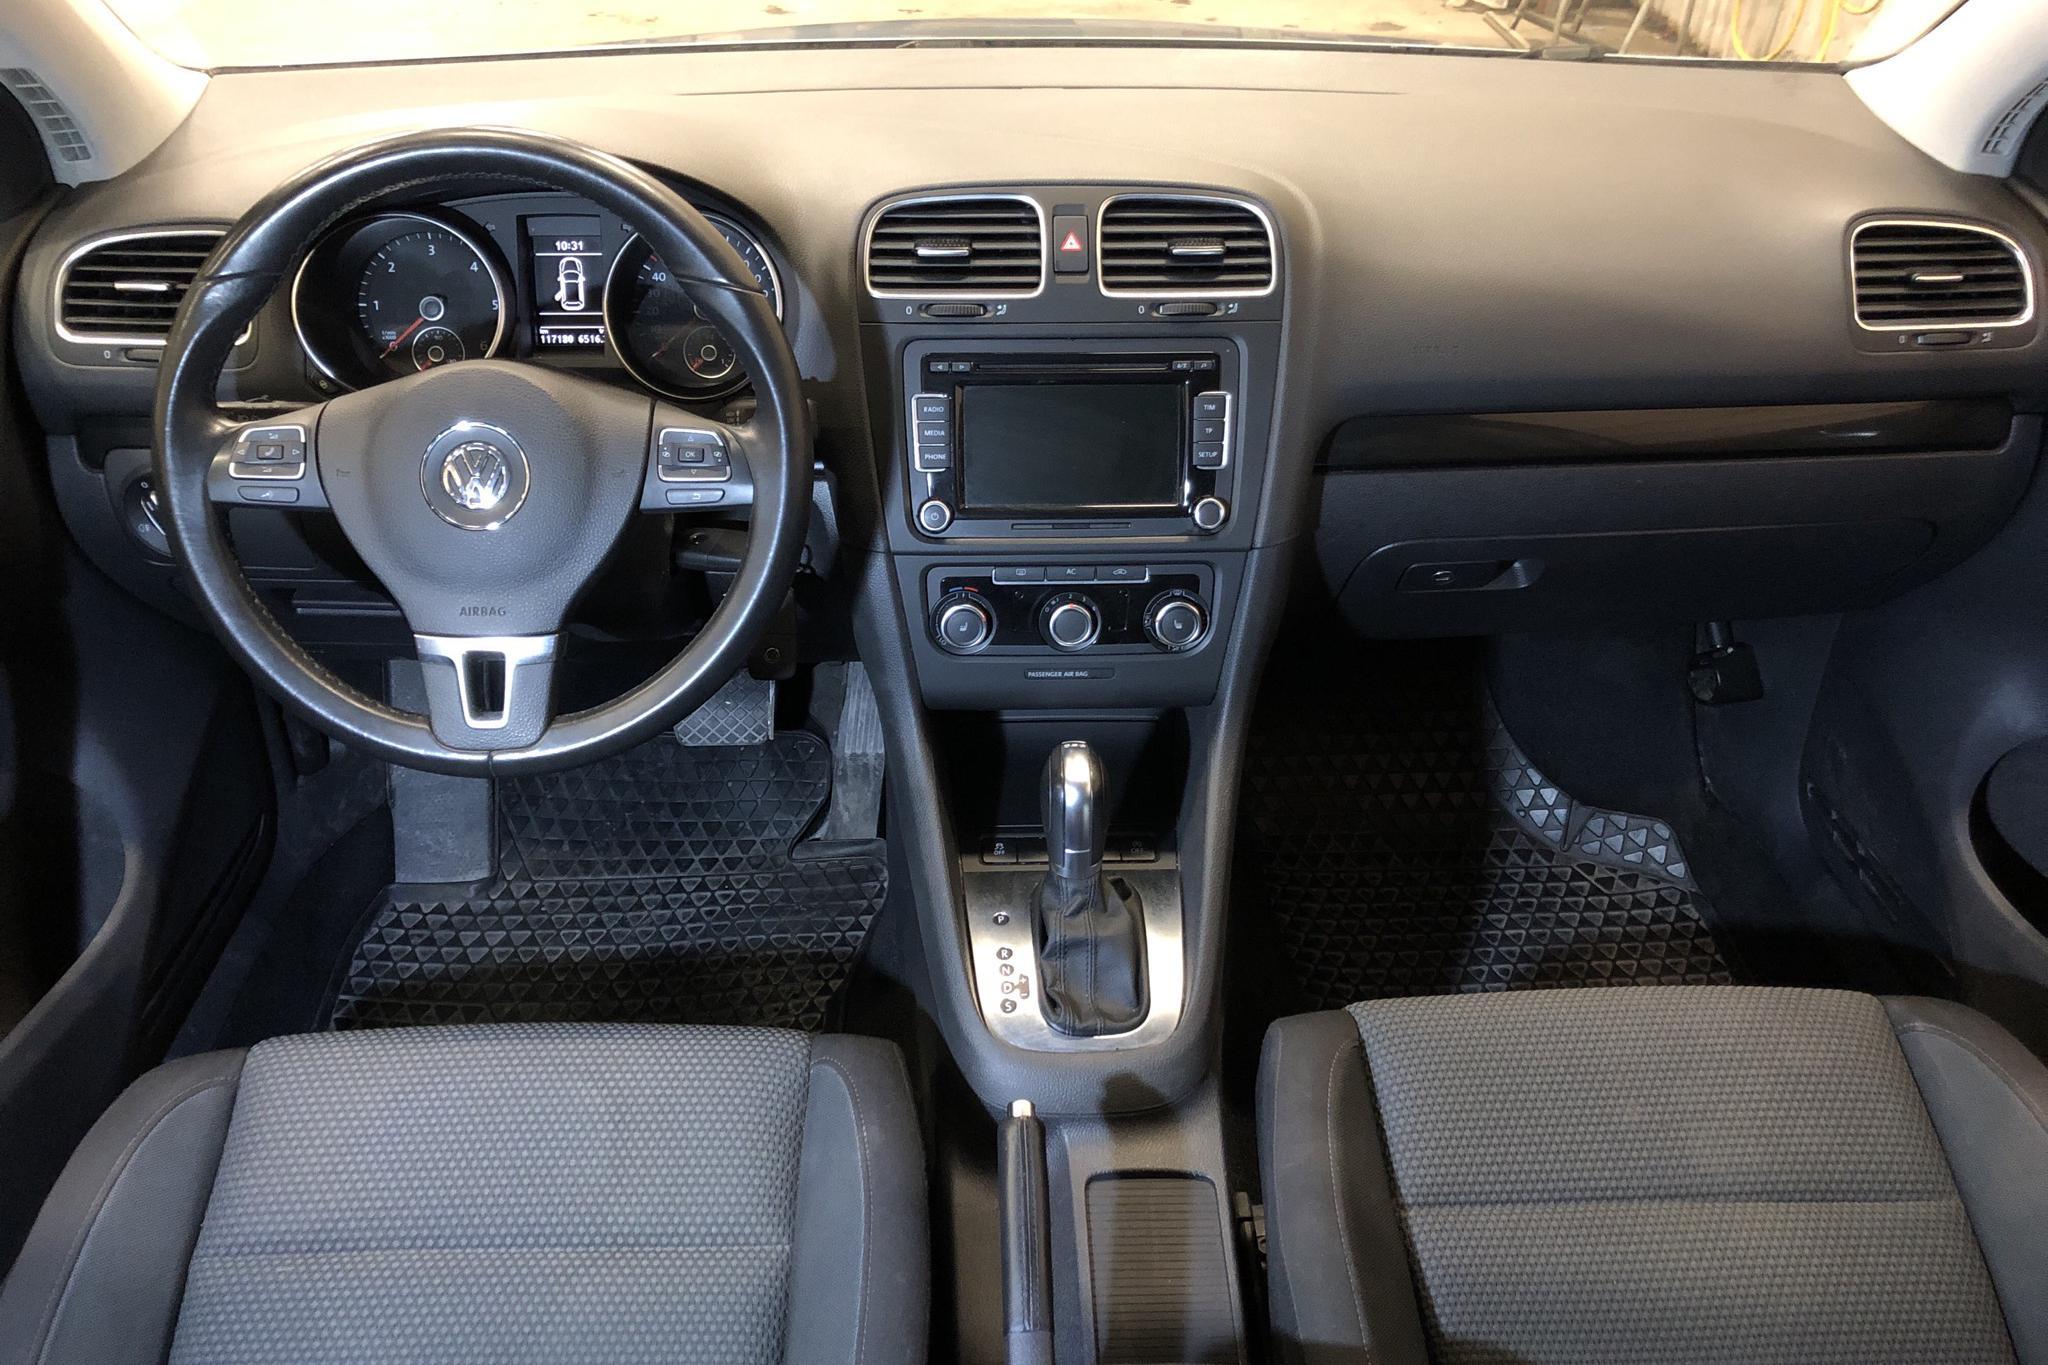 VW Golf VI 1.6 TDI BlueMotion Technology 5dr (105hk) - 117 200 km - Automatic - Light Blue - 2011